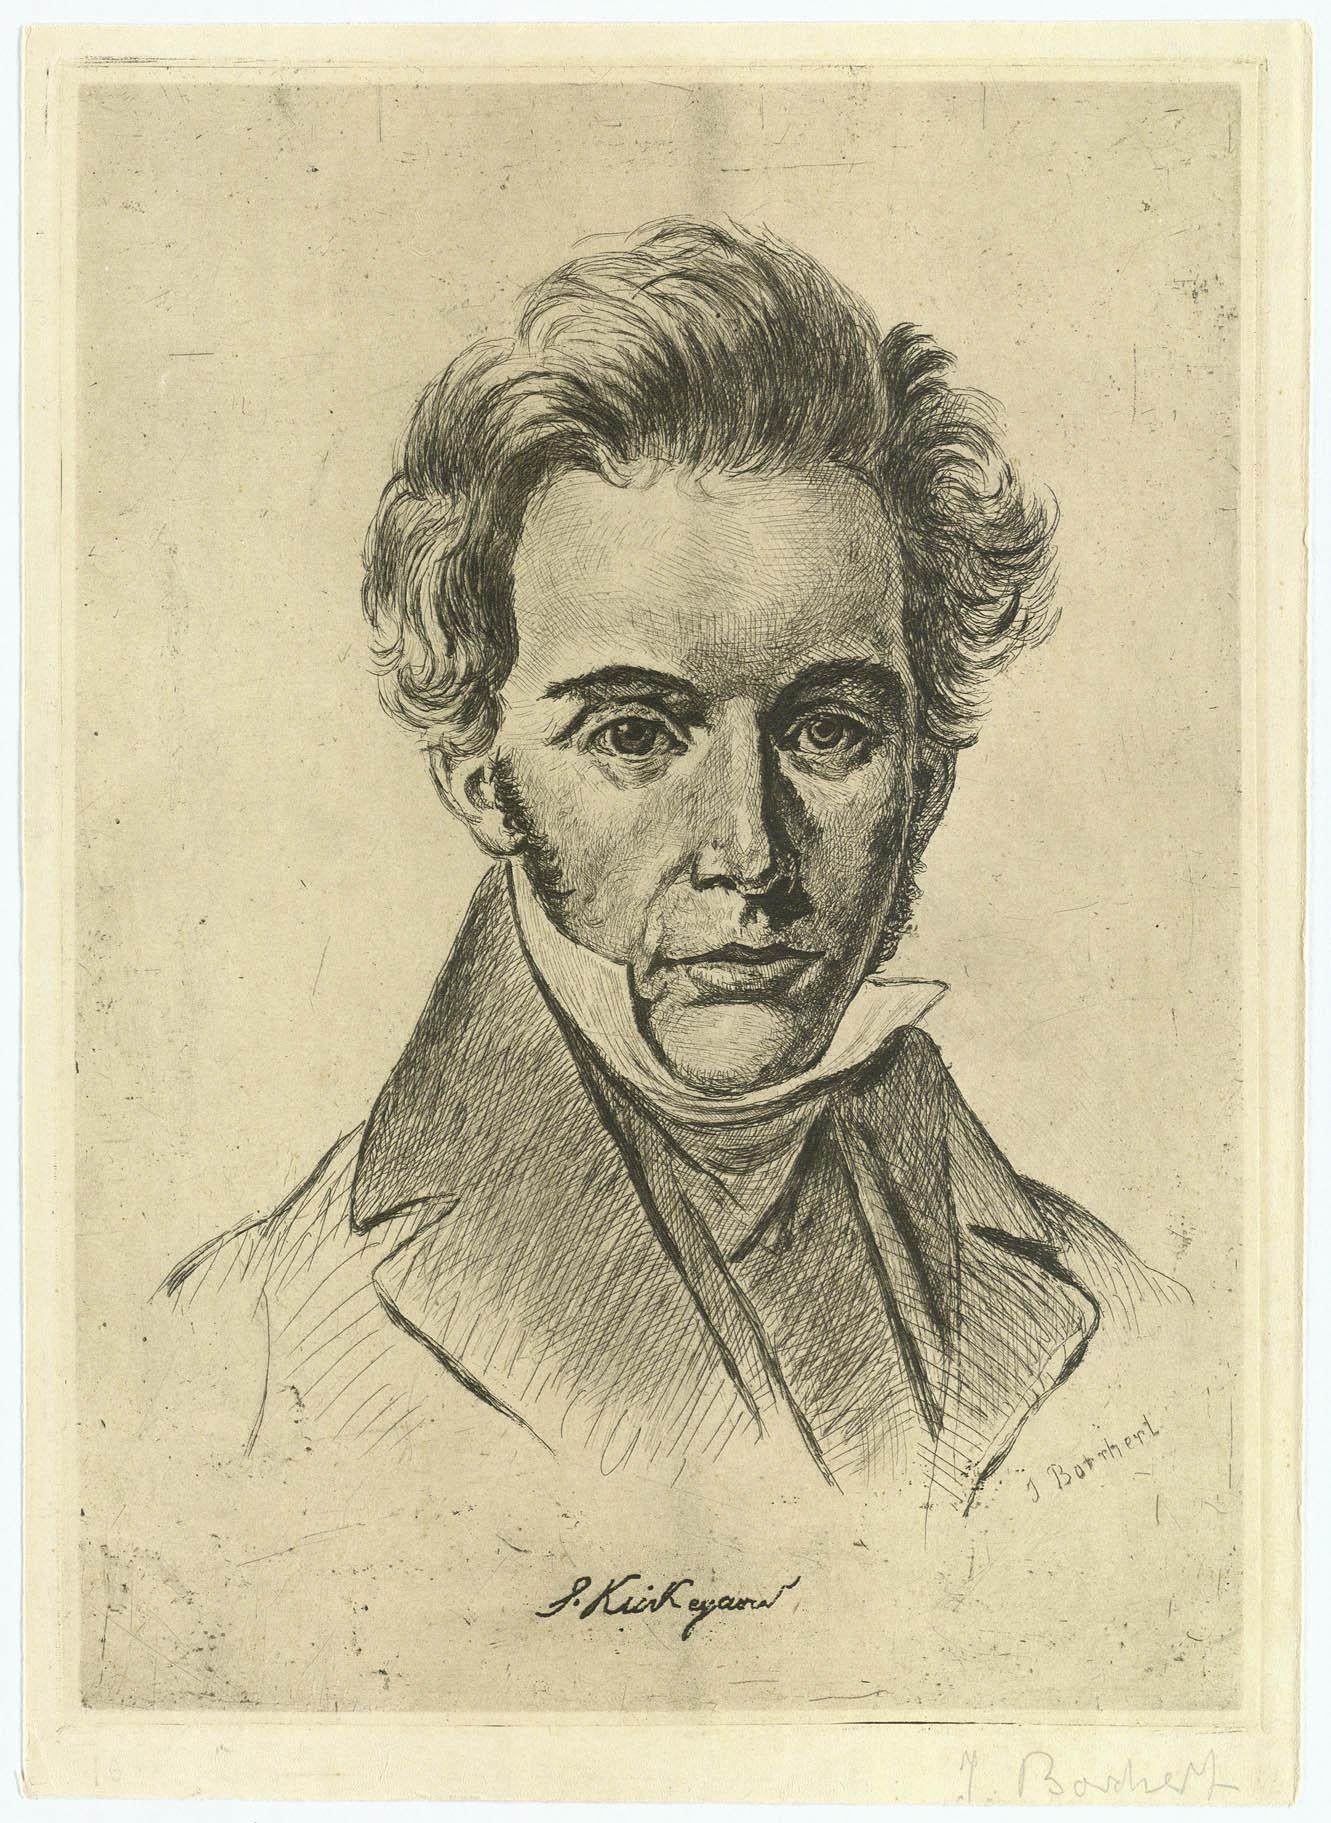 آرام بختیاری: فلسفه کرک گارد،(Kierkegaard)- ترس از هستی، جاسوس خدا.